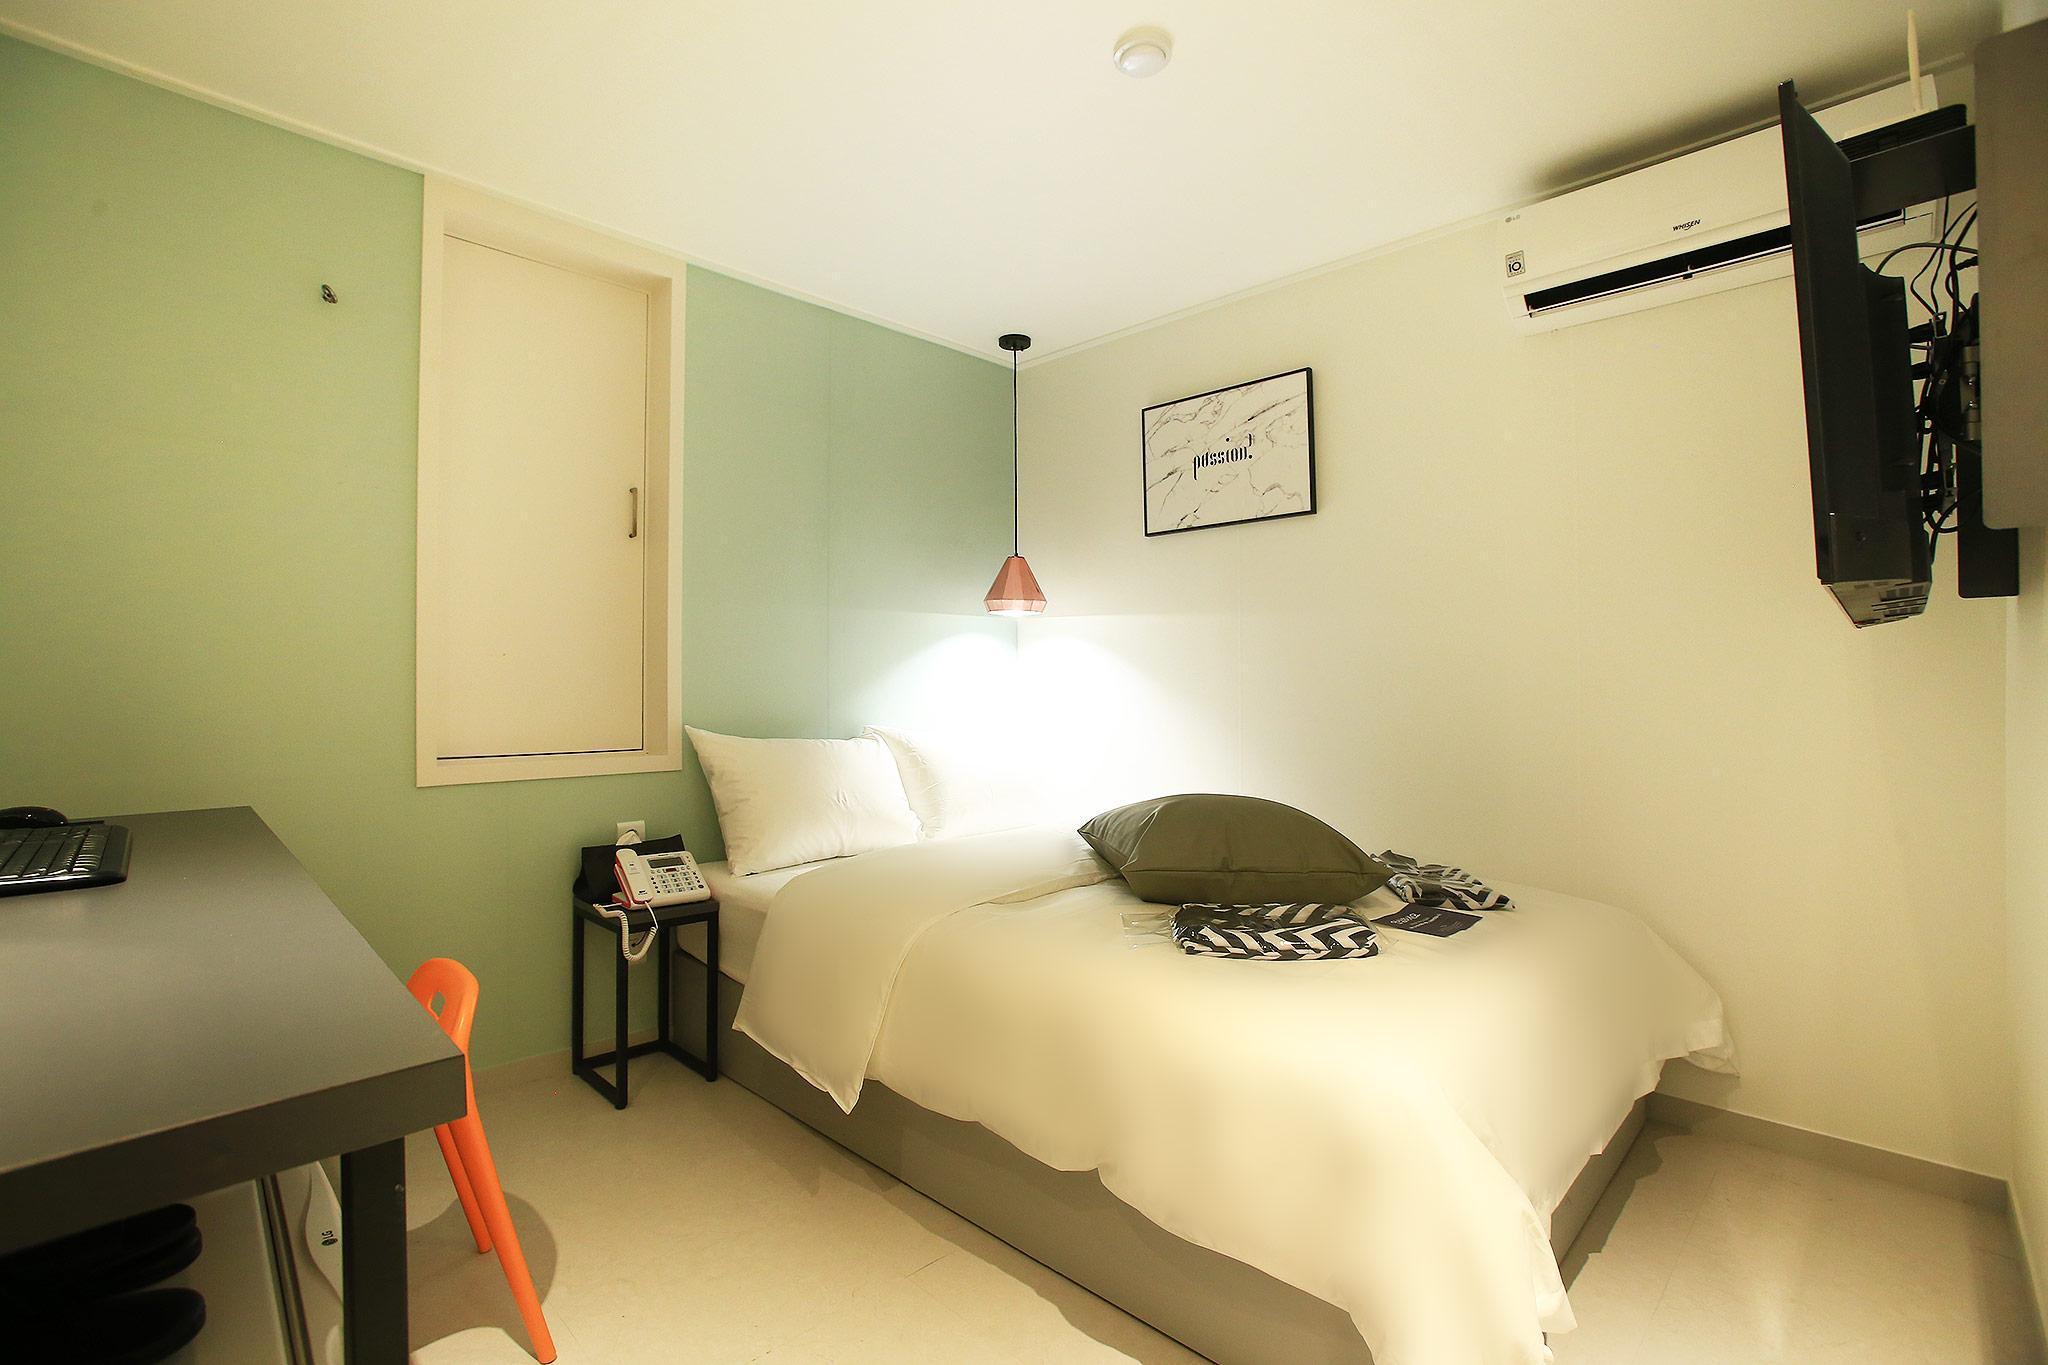 Hotel Yam Bang-I Dong, Gwang-jin